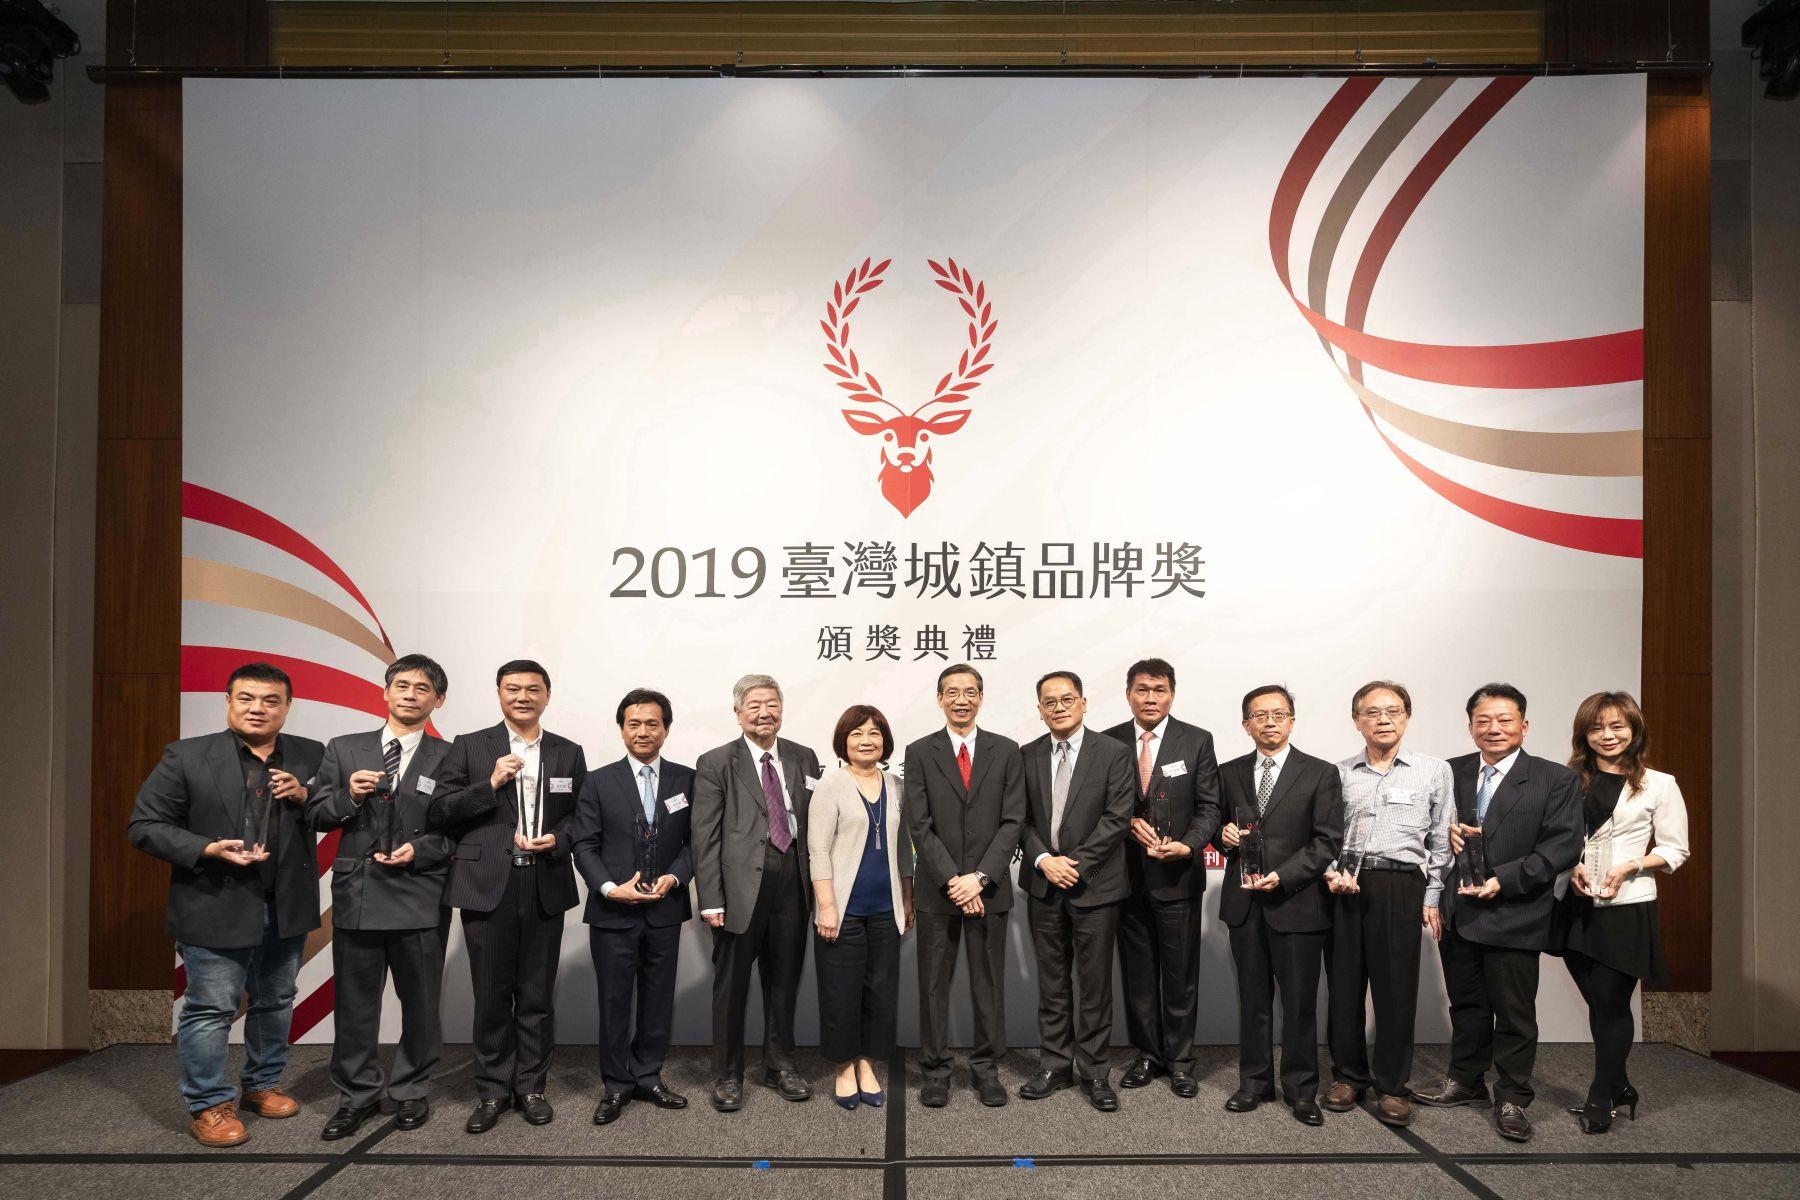 為推動地方創生舉辦「臺灣城鎮品牌獎」 林內鄉、鹿港鎮各有特色奪金獎